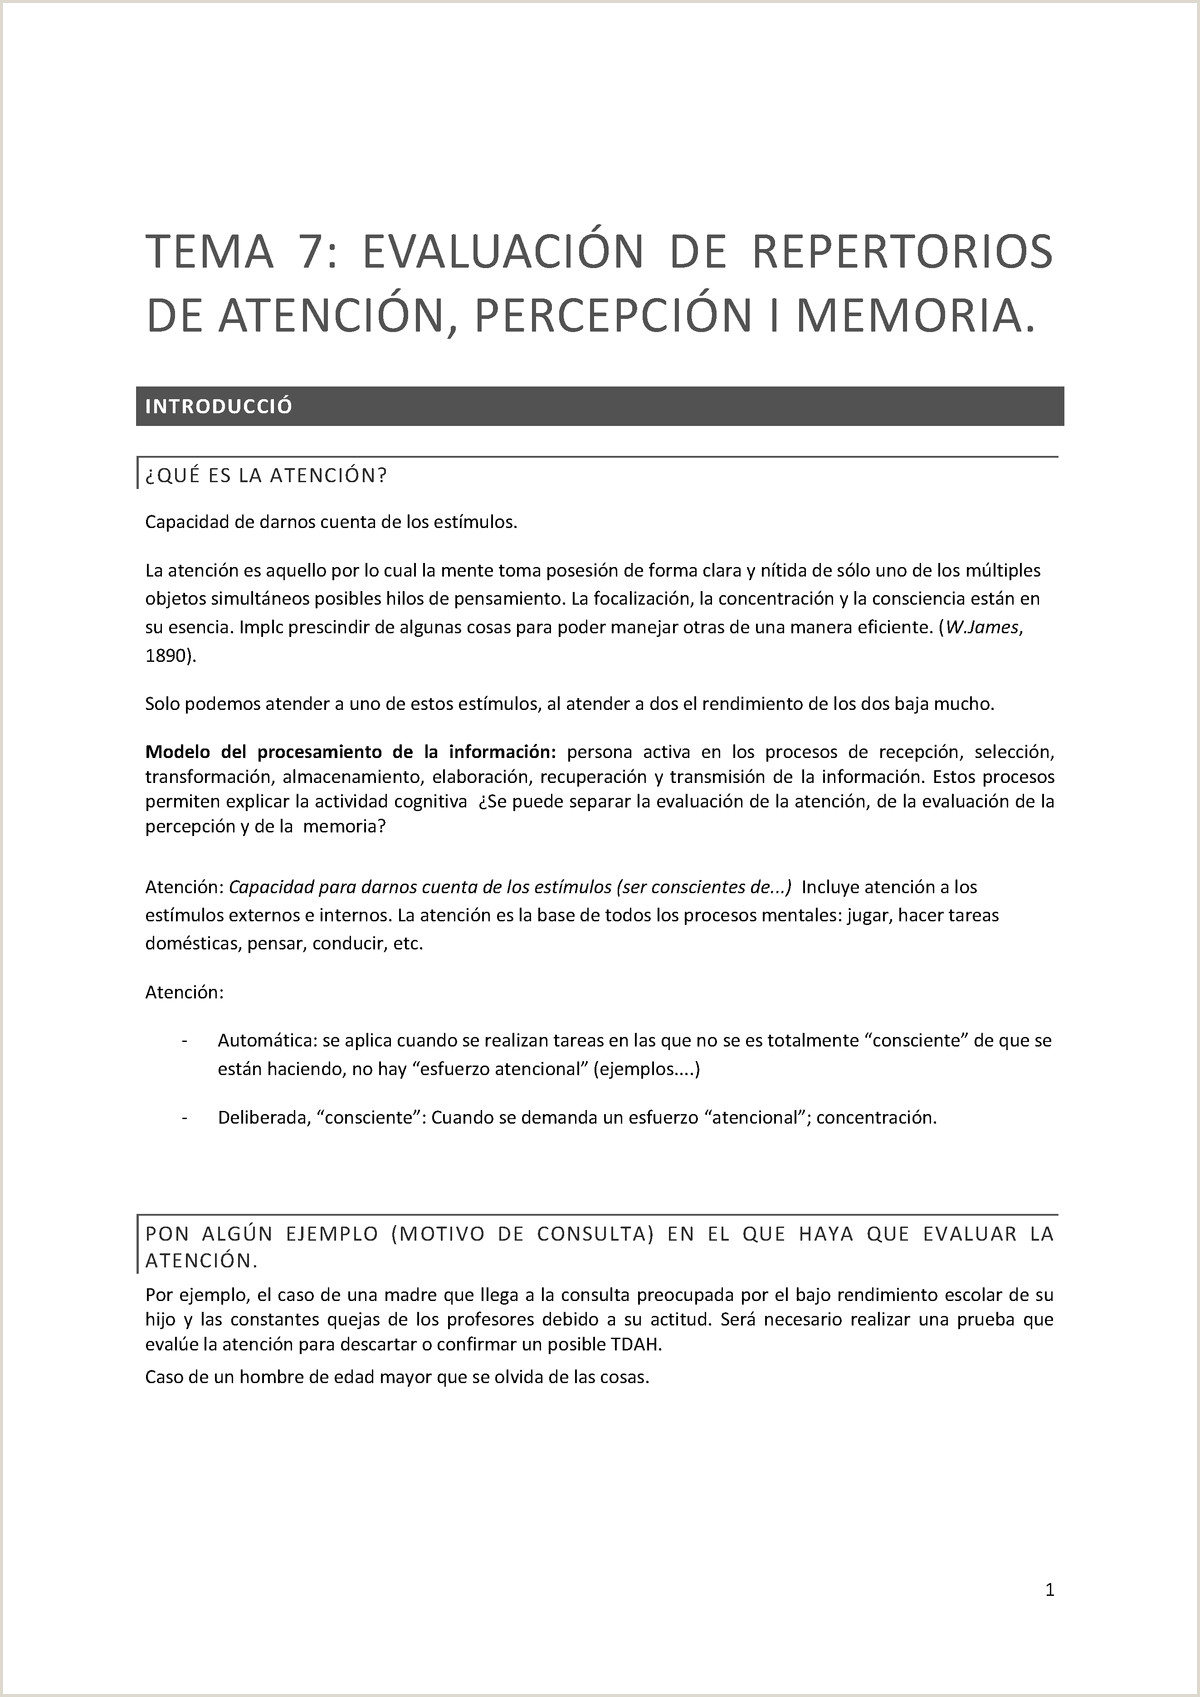 Formato Hoja De Vida Conductor Apunts Del Tema 7 De Avaluaci³ Psicol²gica